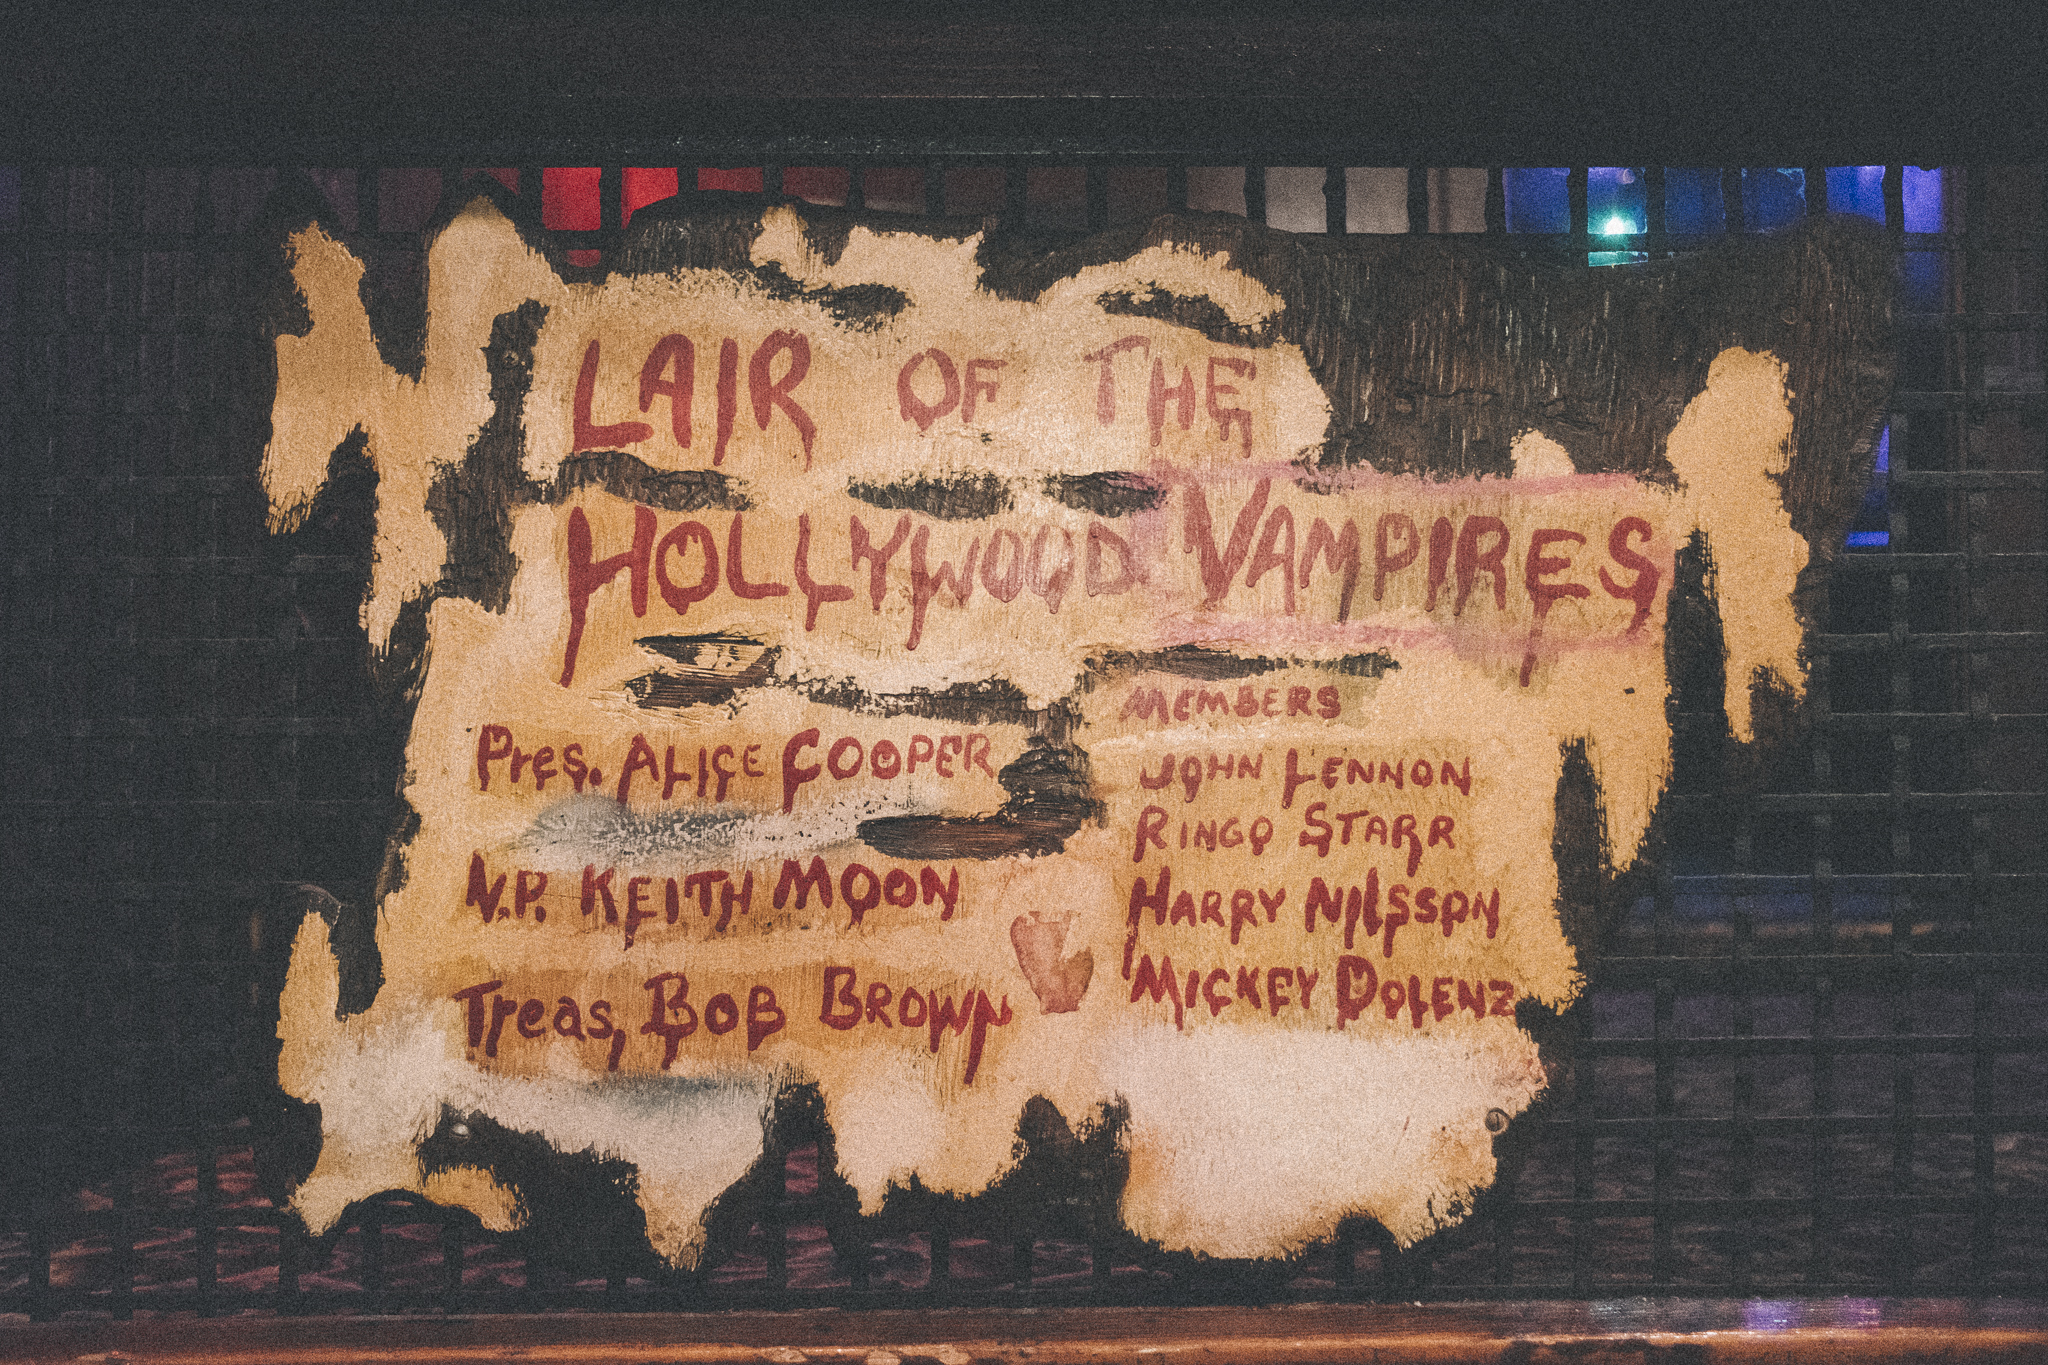 Diese Plakette hängt in der Rainbow Bar. Die Hollywood Vampires trafen sich hier, um sich zu betrinken.